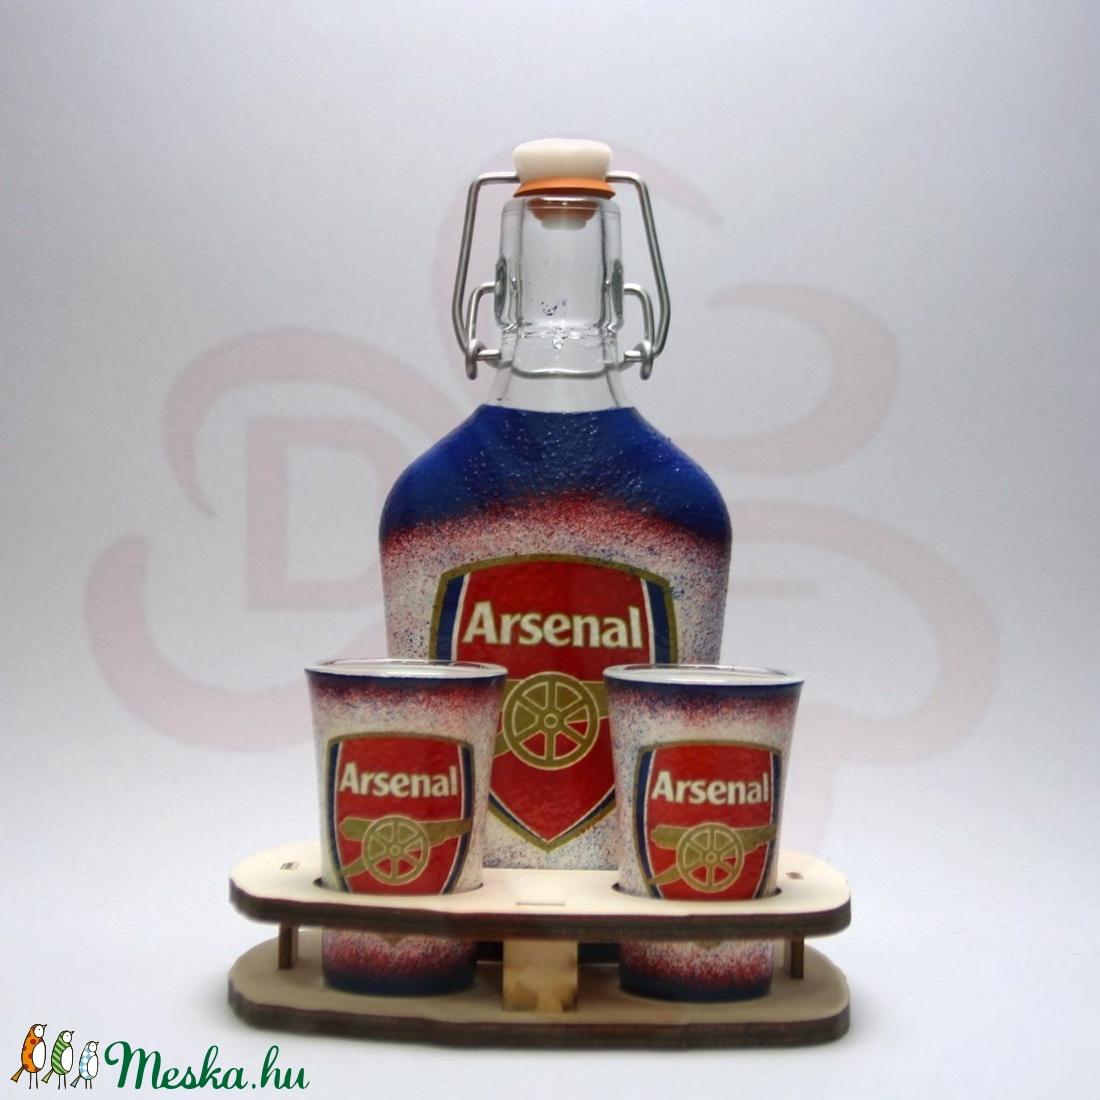 ARSENAL pálinkás szett  ; Igazán egyedi Arsenal szurkolói ajándék - Meska.hu